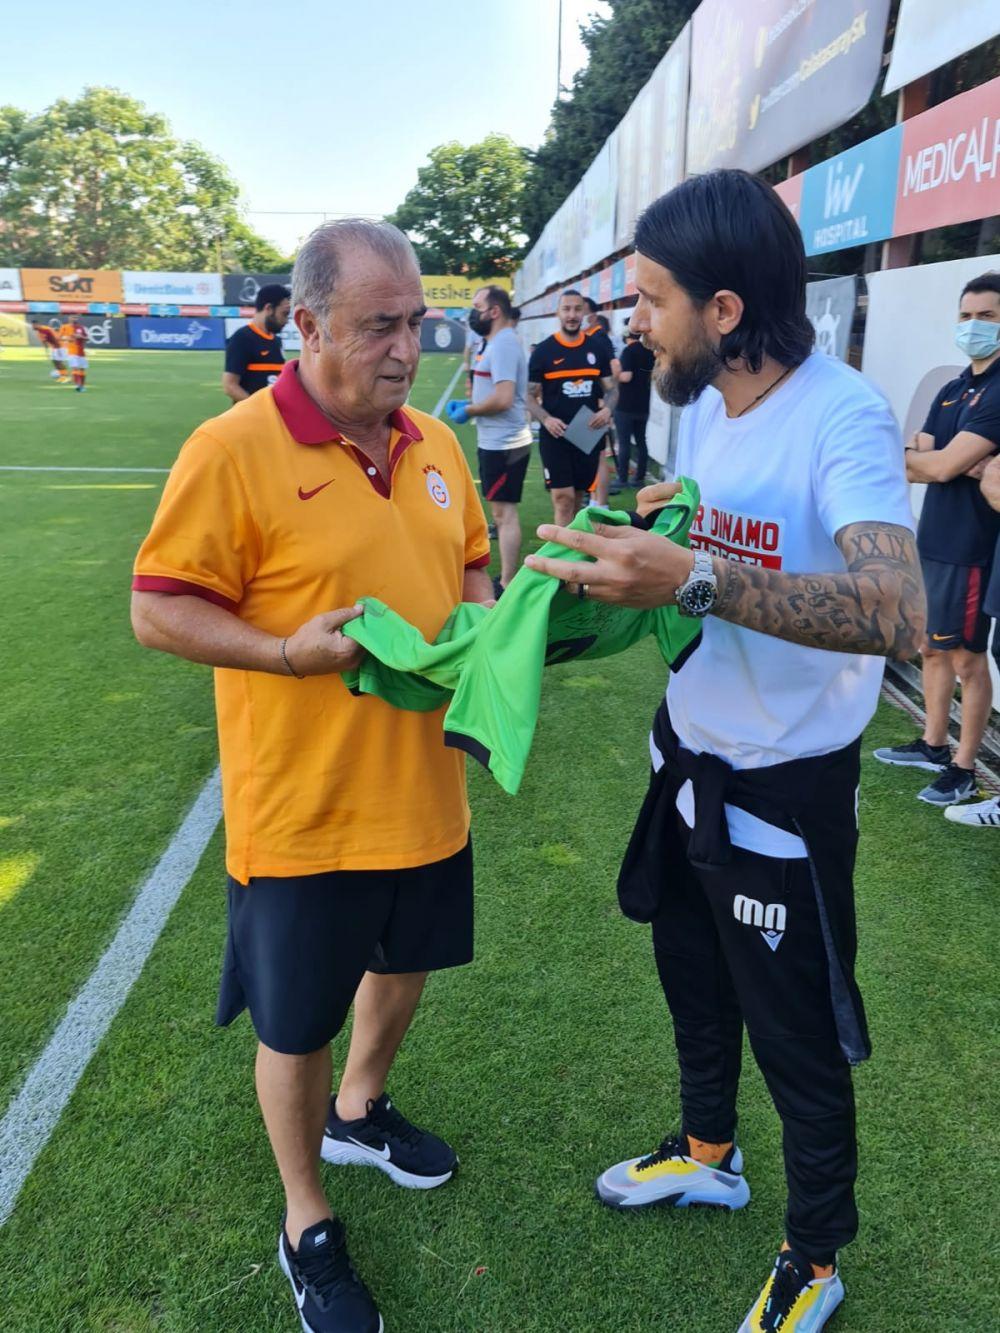 Amical de gala pentru Dinamo! Fostul selectioner al Turciei, Faith Terim, a primit tricoul DDB! Imagini din Turcia